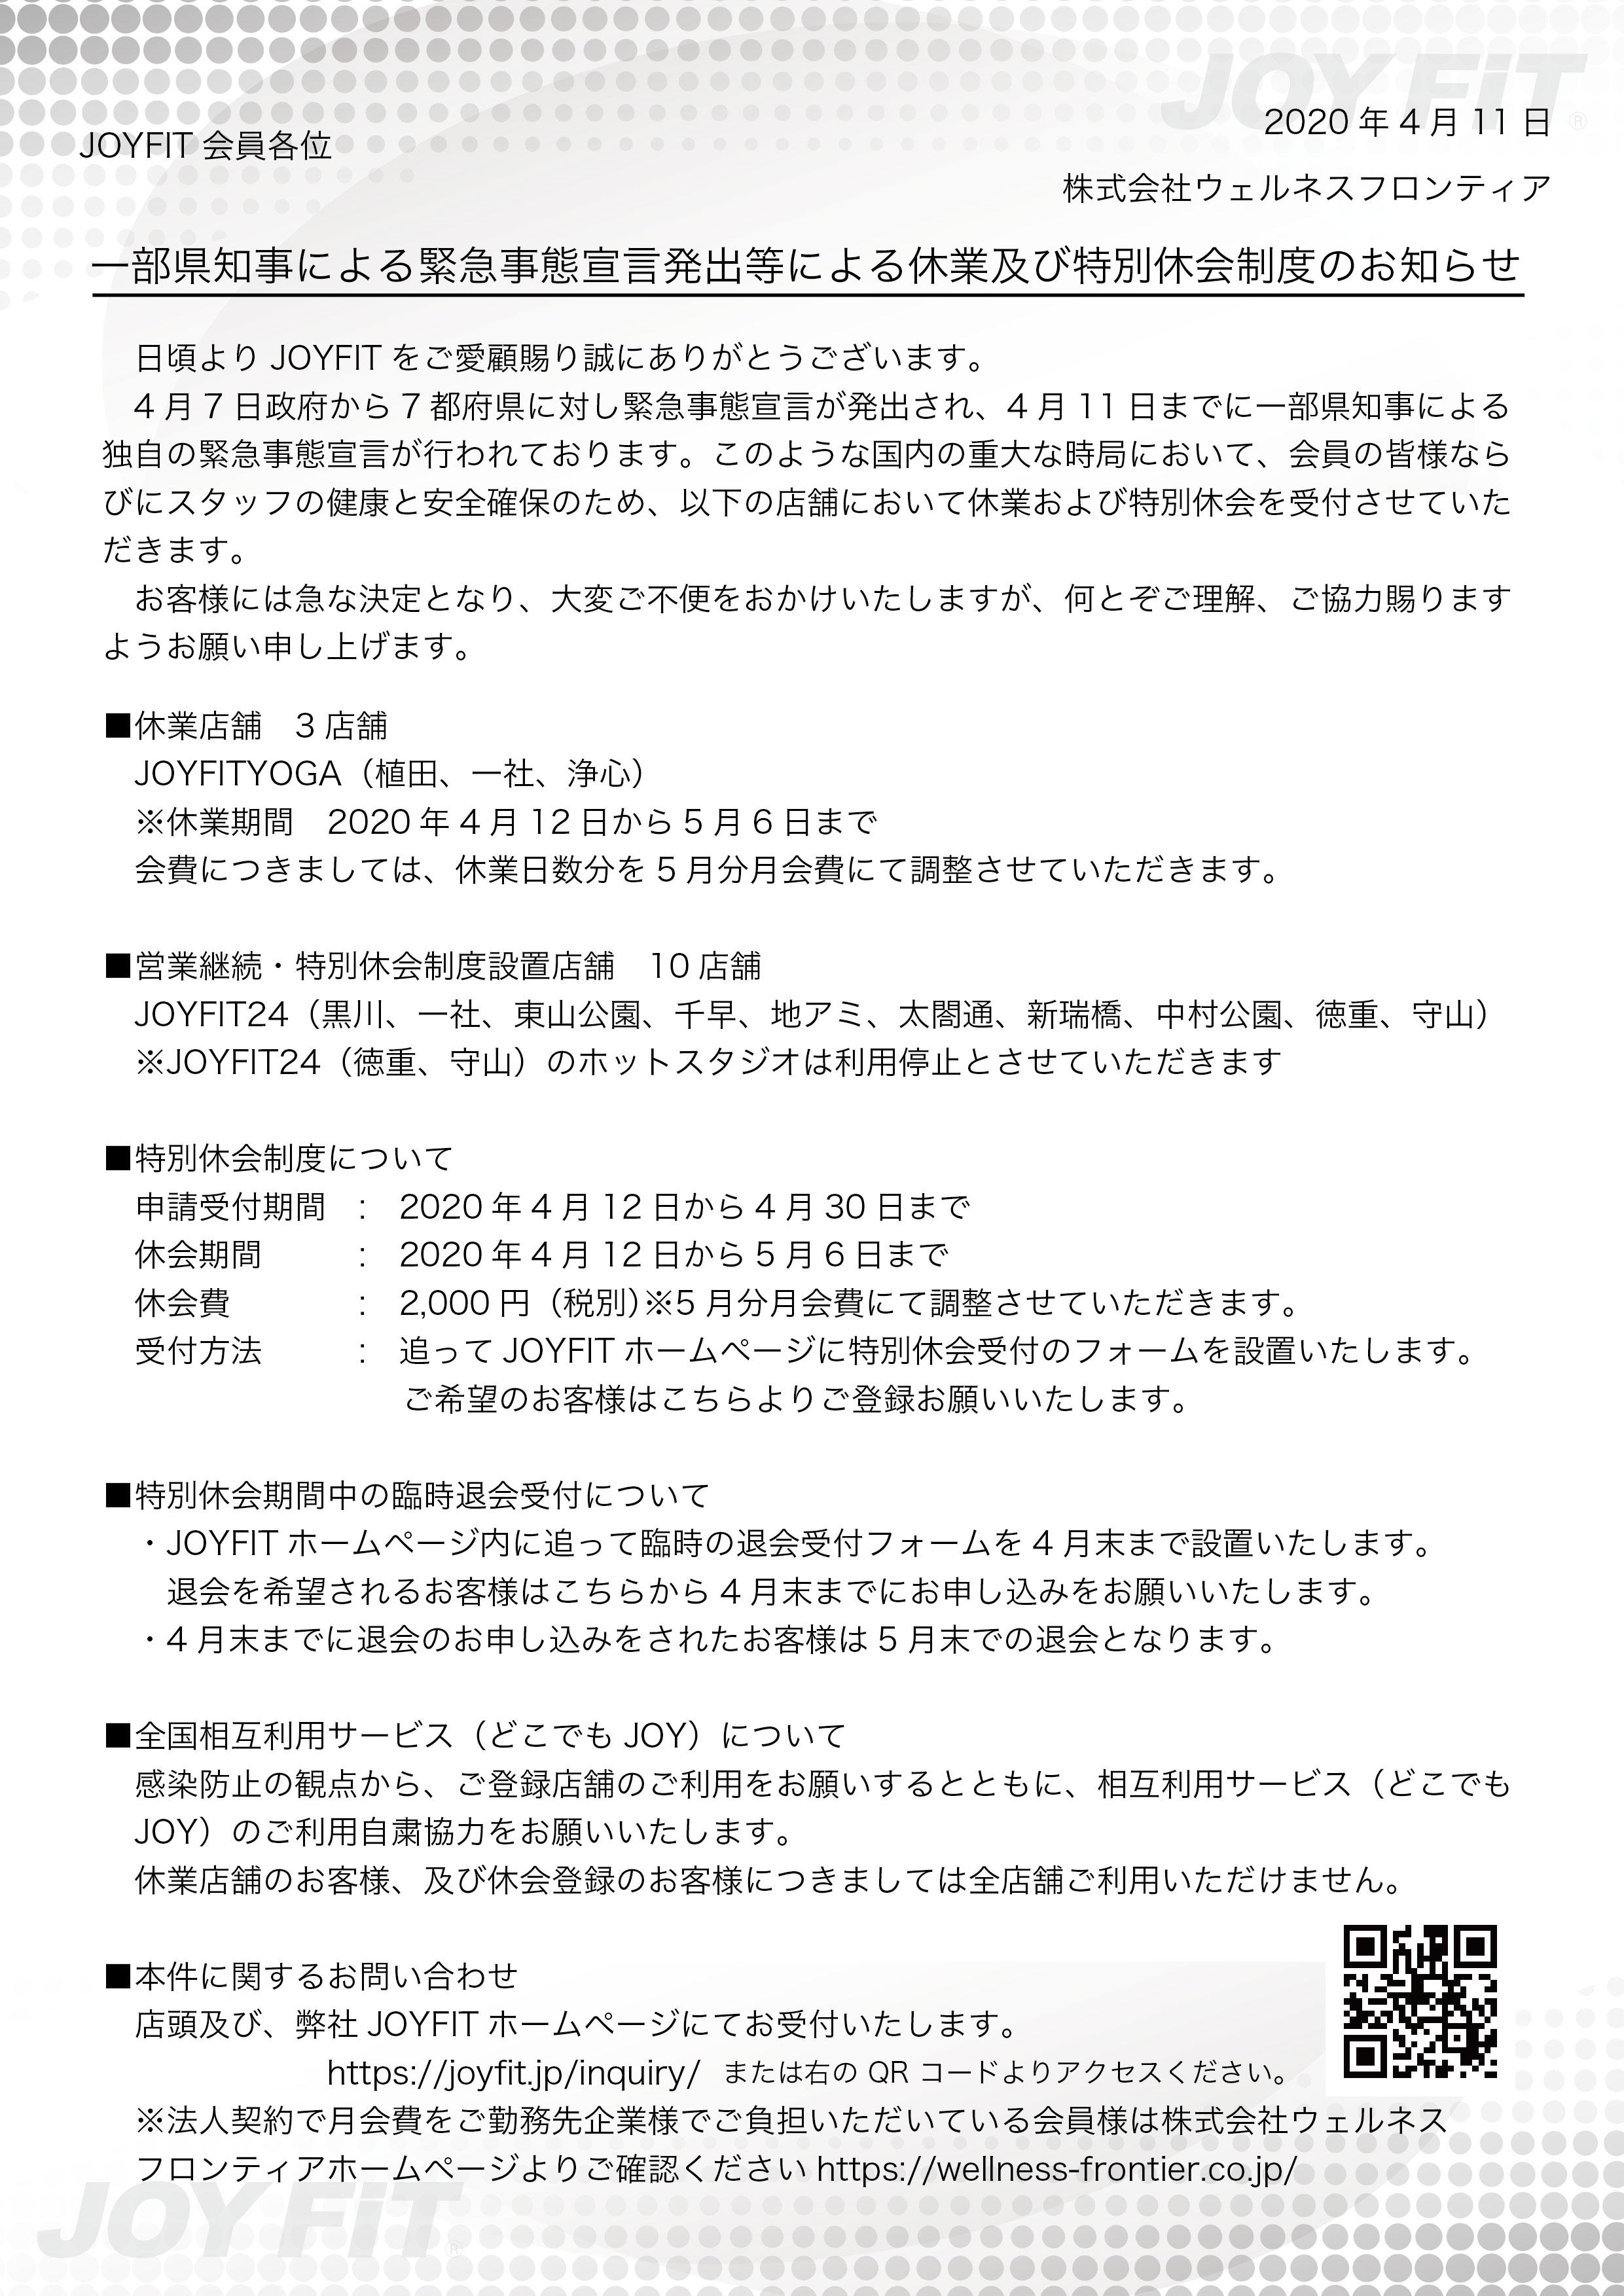 ②JOYFIT愛知岐阜休会お知らせ 4月11日版 【最終原稿】_アートボード 1